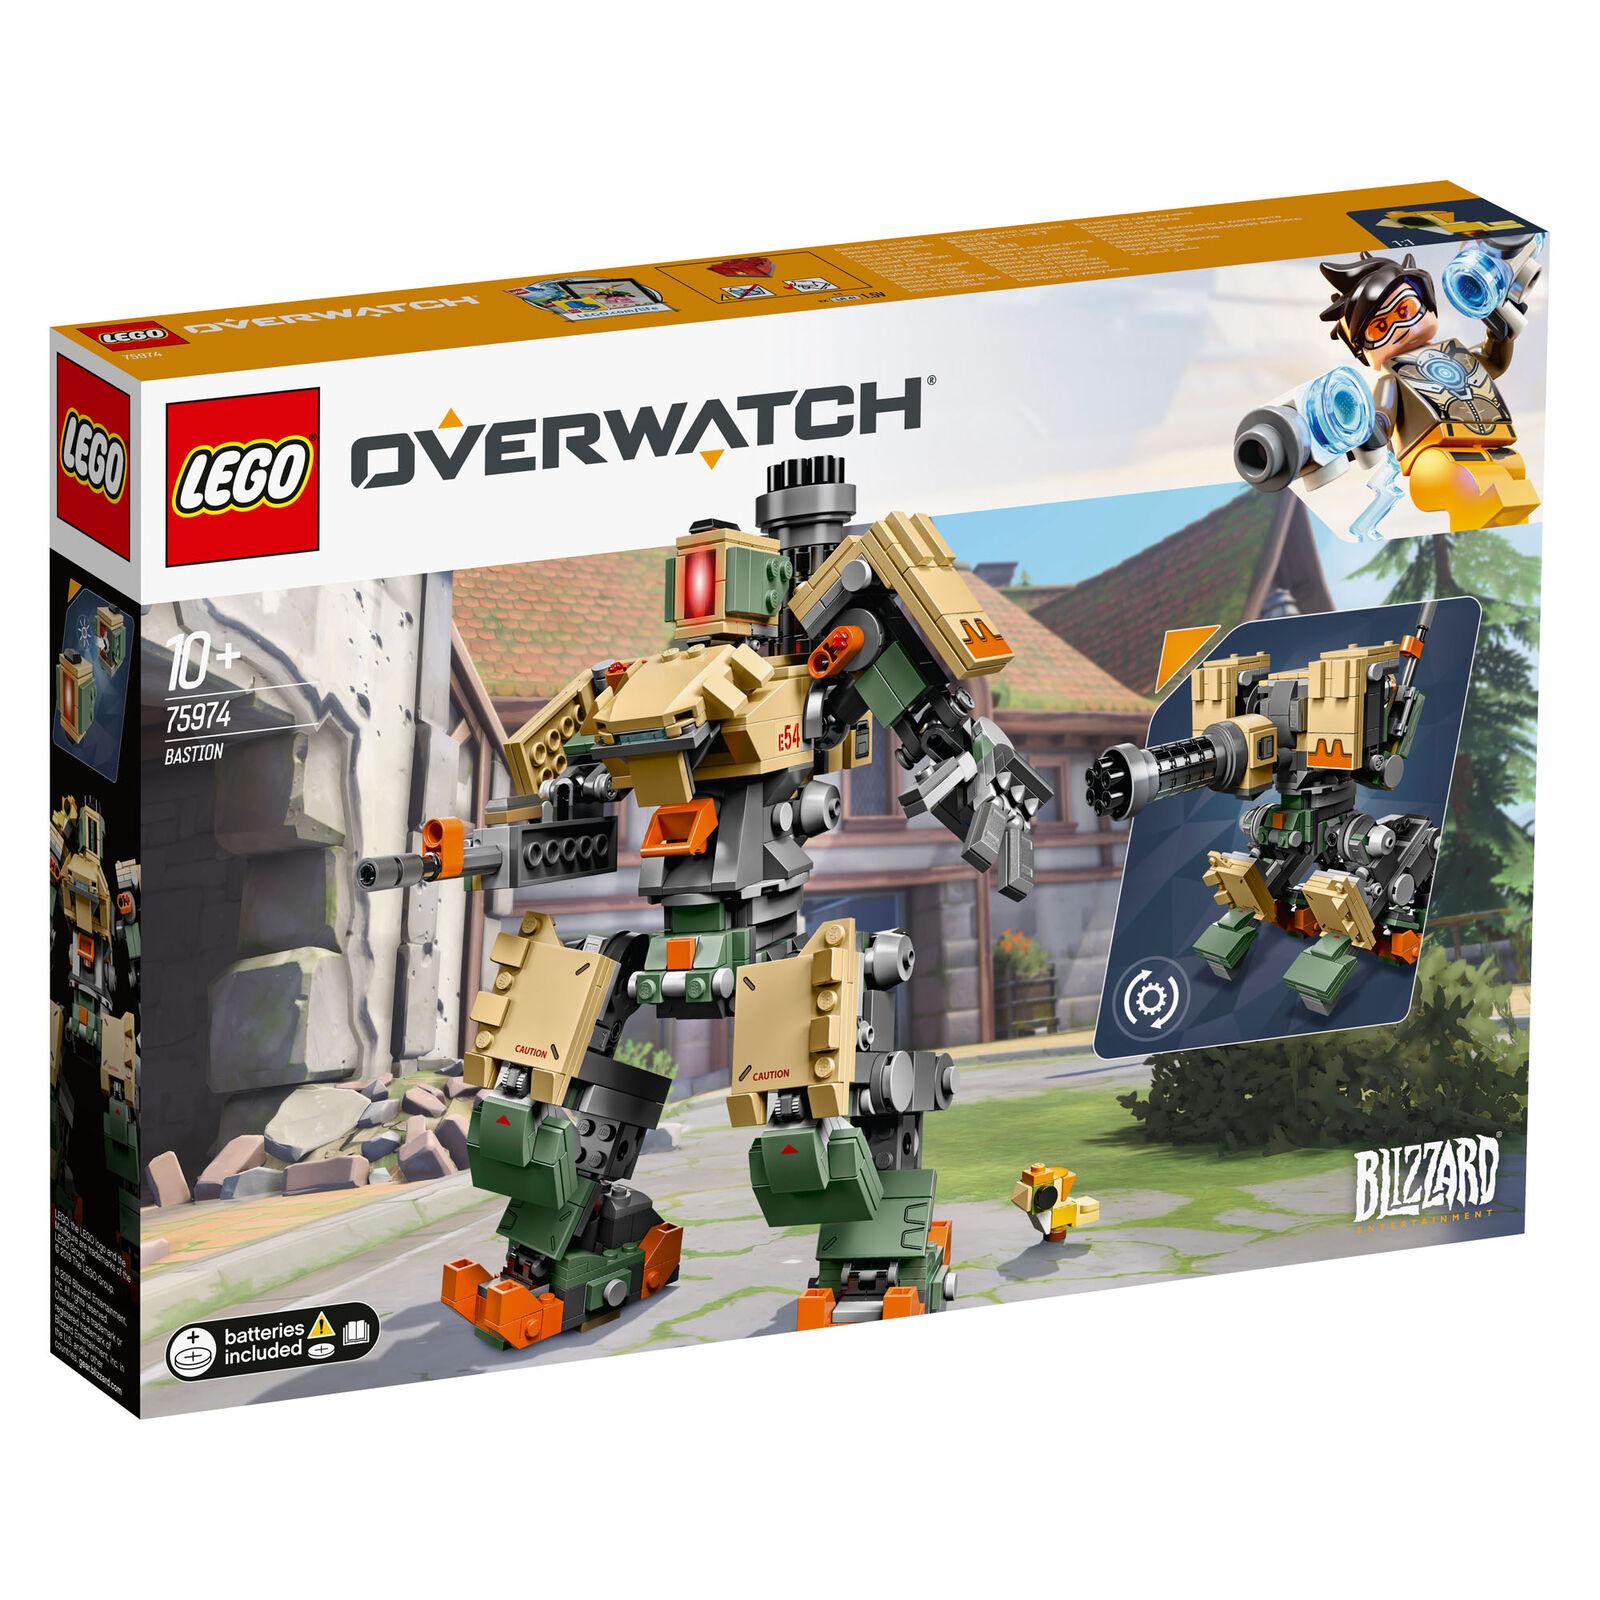 75974 LEGO addosso Bastione autoattere cifra con le armi 602  PEZZI età 10yrs+  molte sorprese